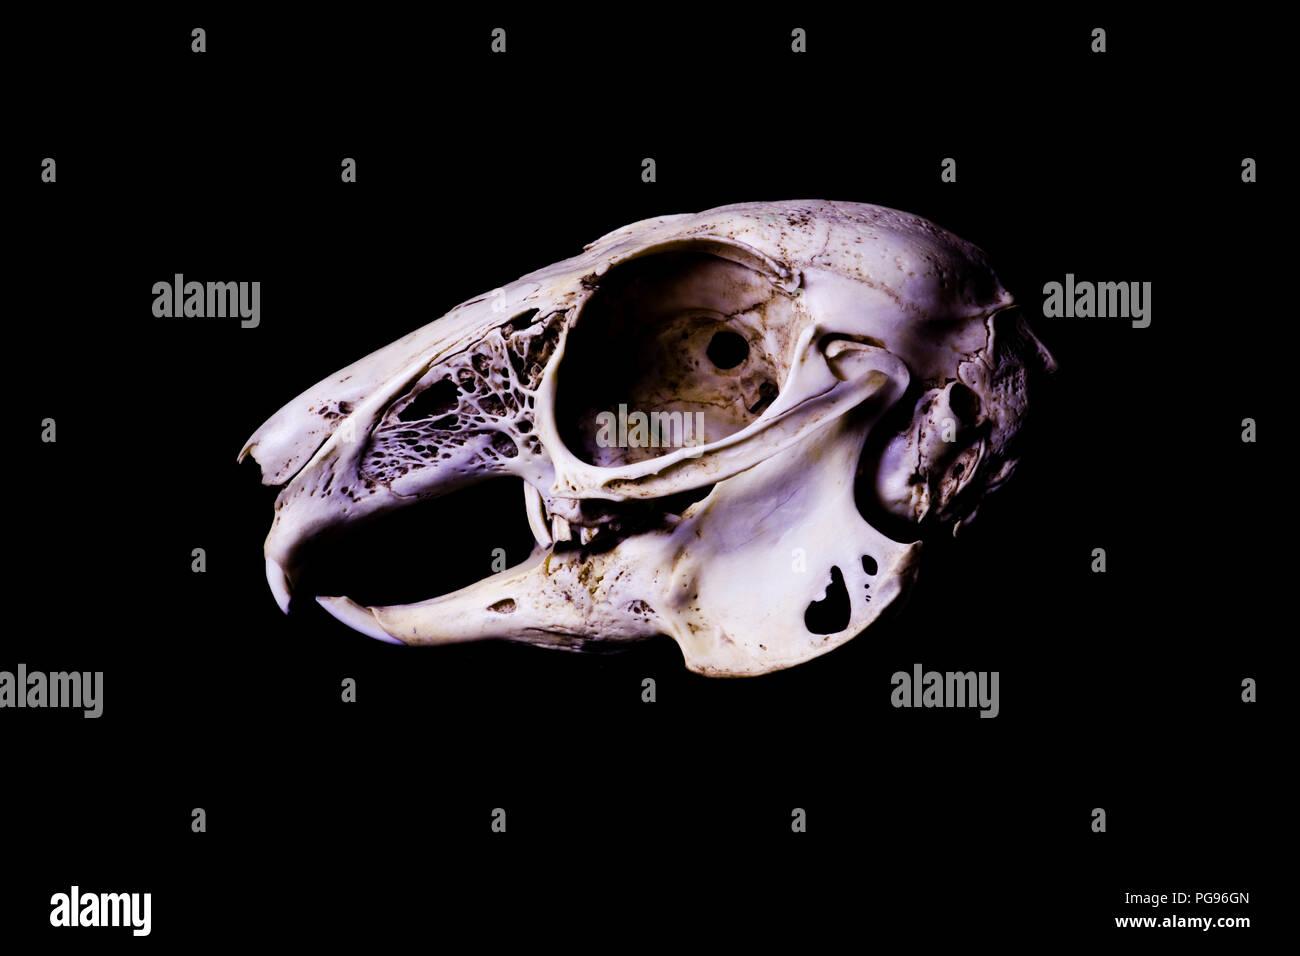 Rabbit Anatomy Stock Photos & Rabbit Anatomy Stock Images - Alamy